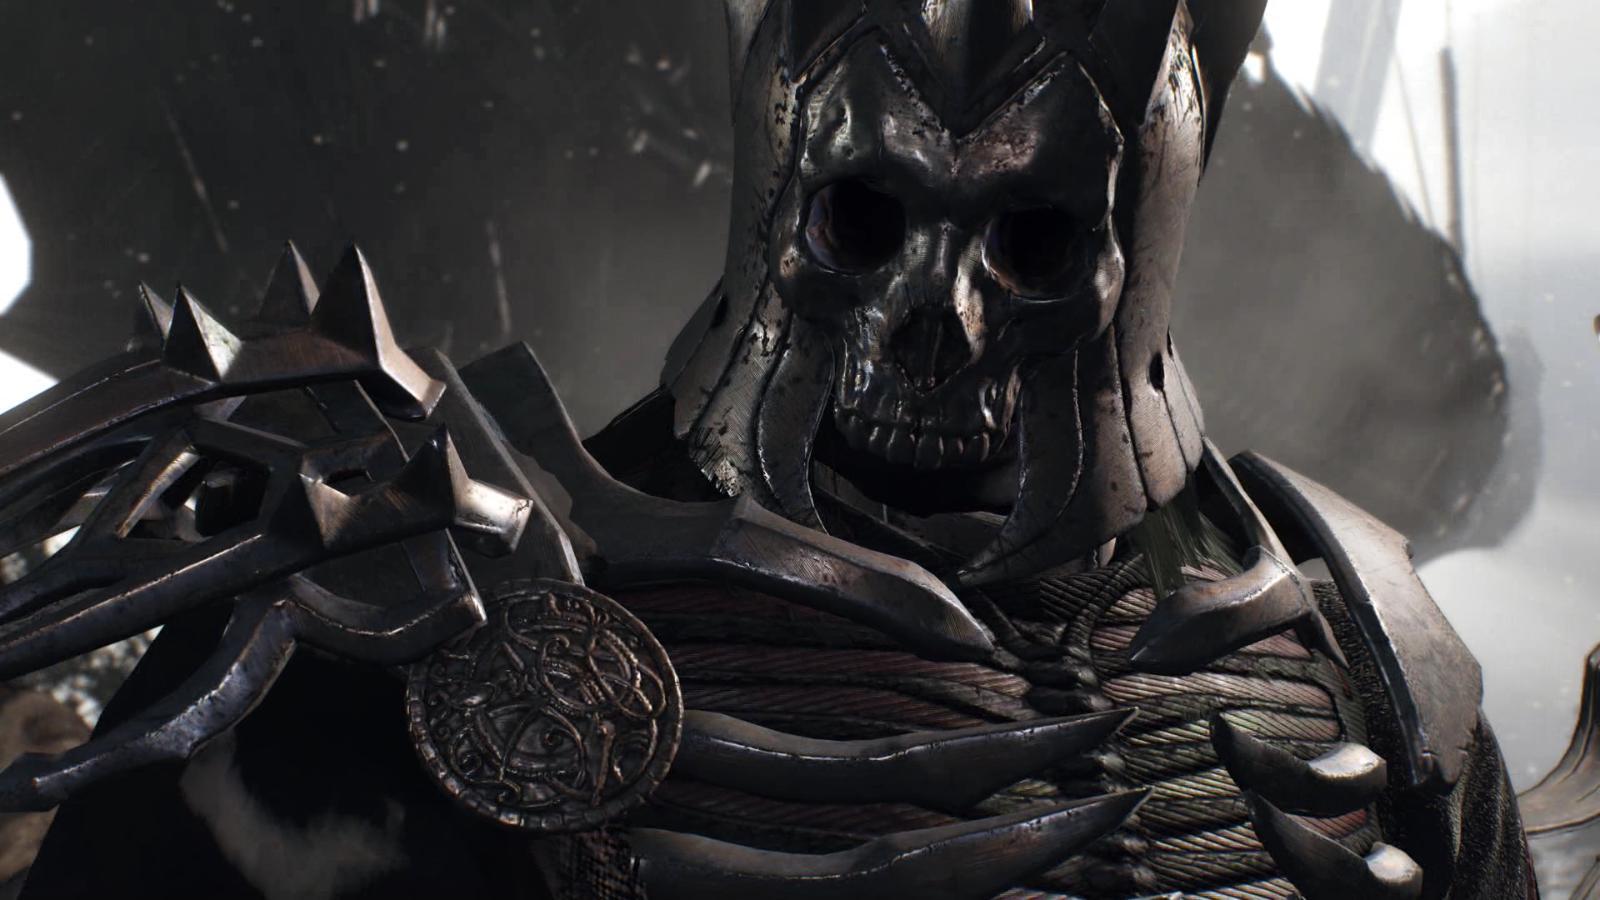 13.jpg - Witcher 3: Wild Hunt, the